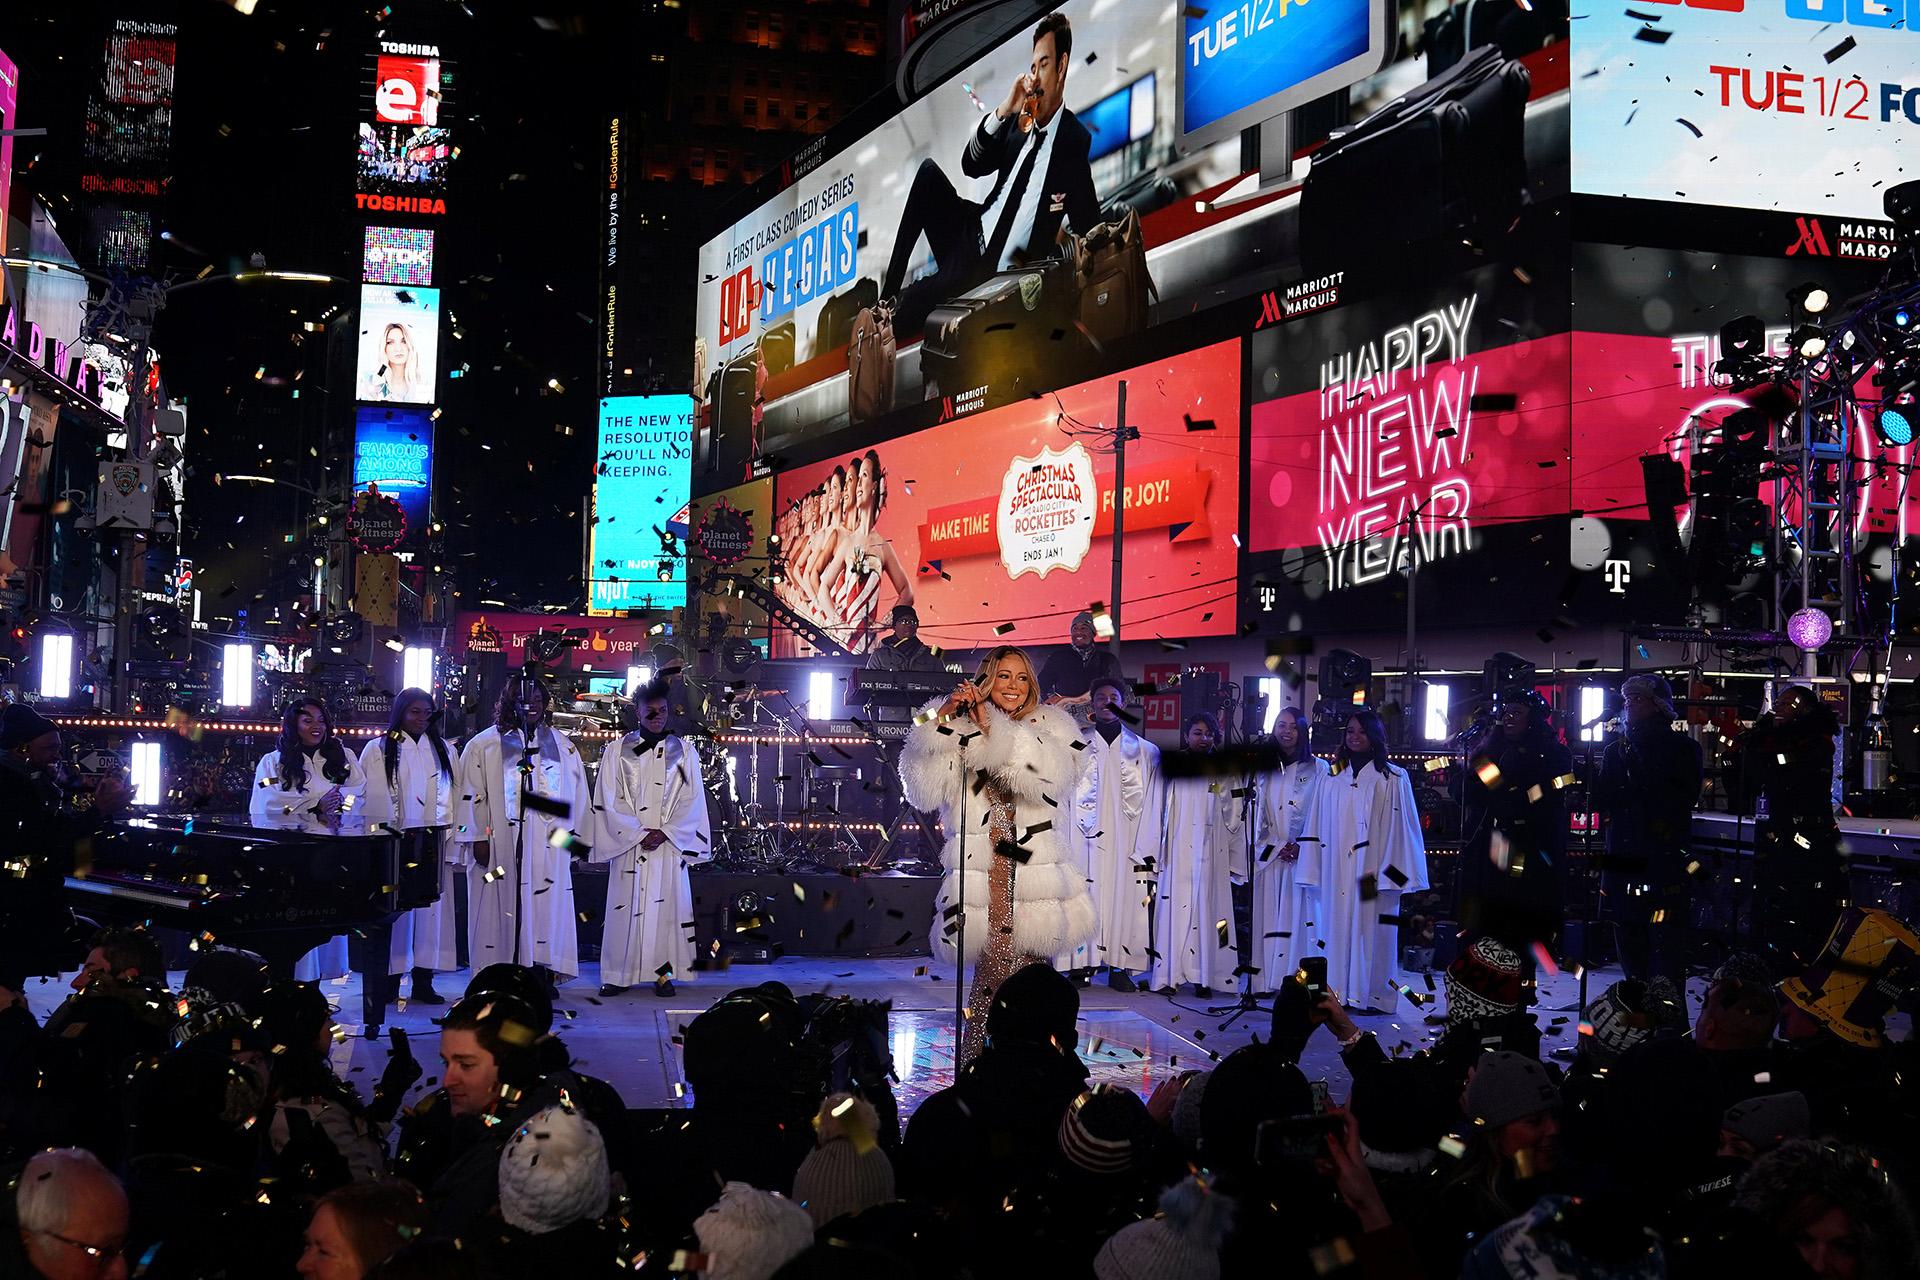 Mariah Carey volvió a presentarse frente a una multitud de personas, que cada año espera la cuenta regresiva y el descenso de la bola en Times Square en el último día del año